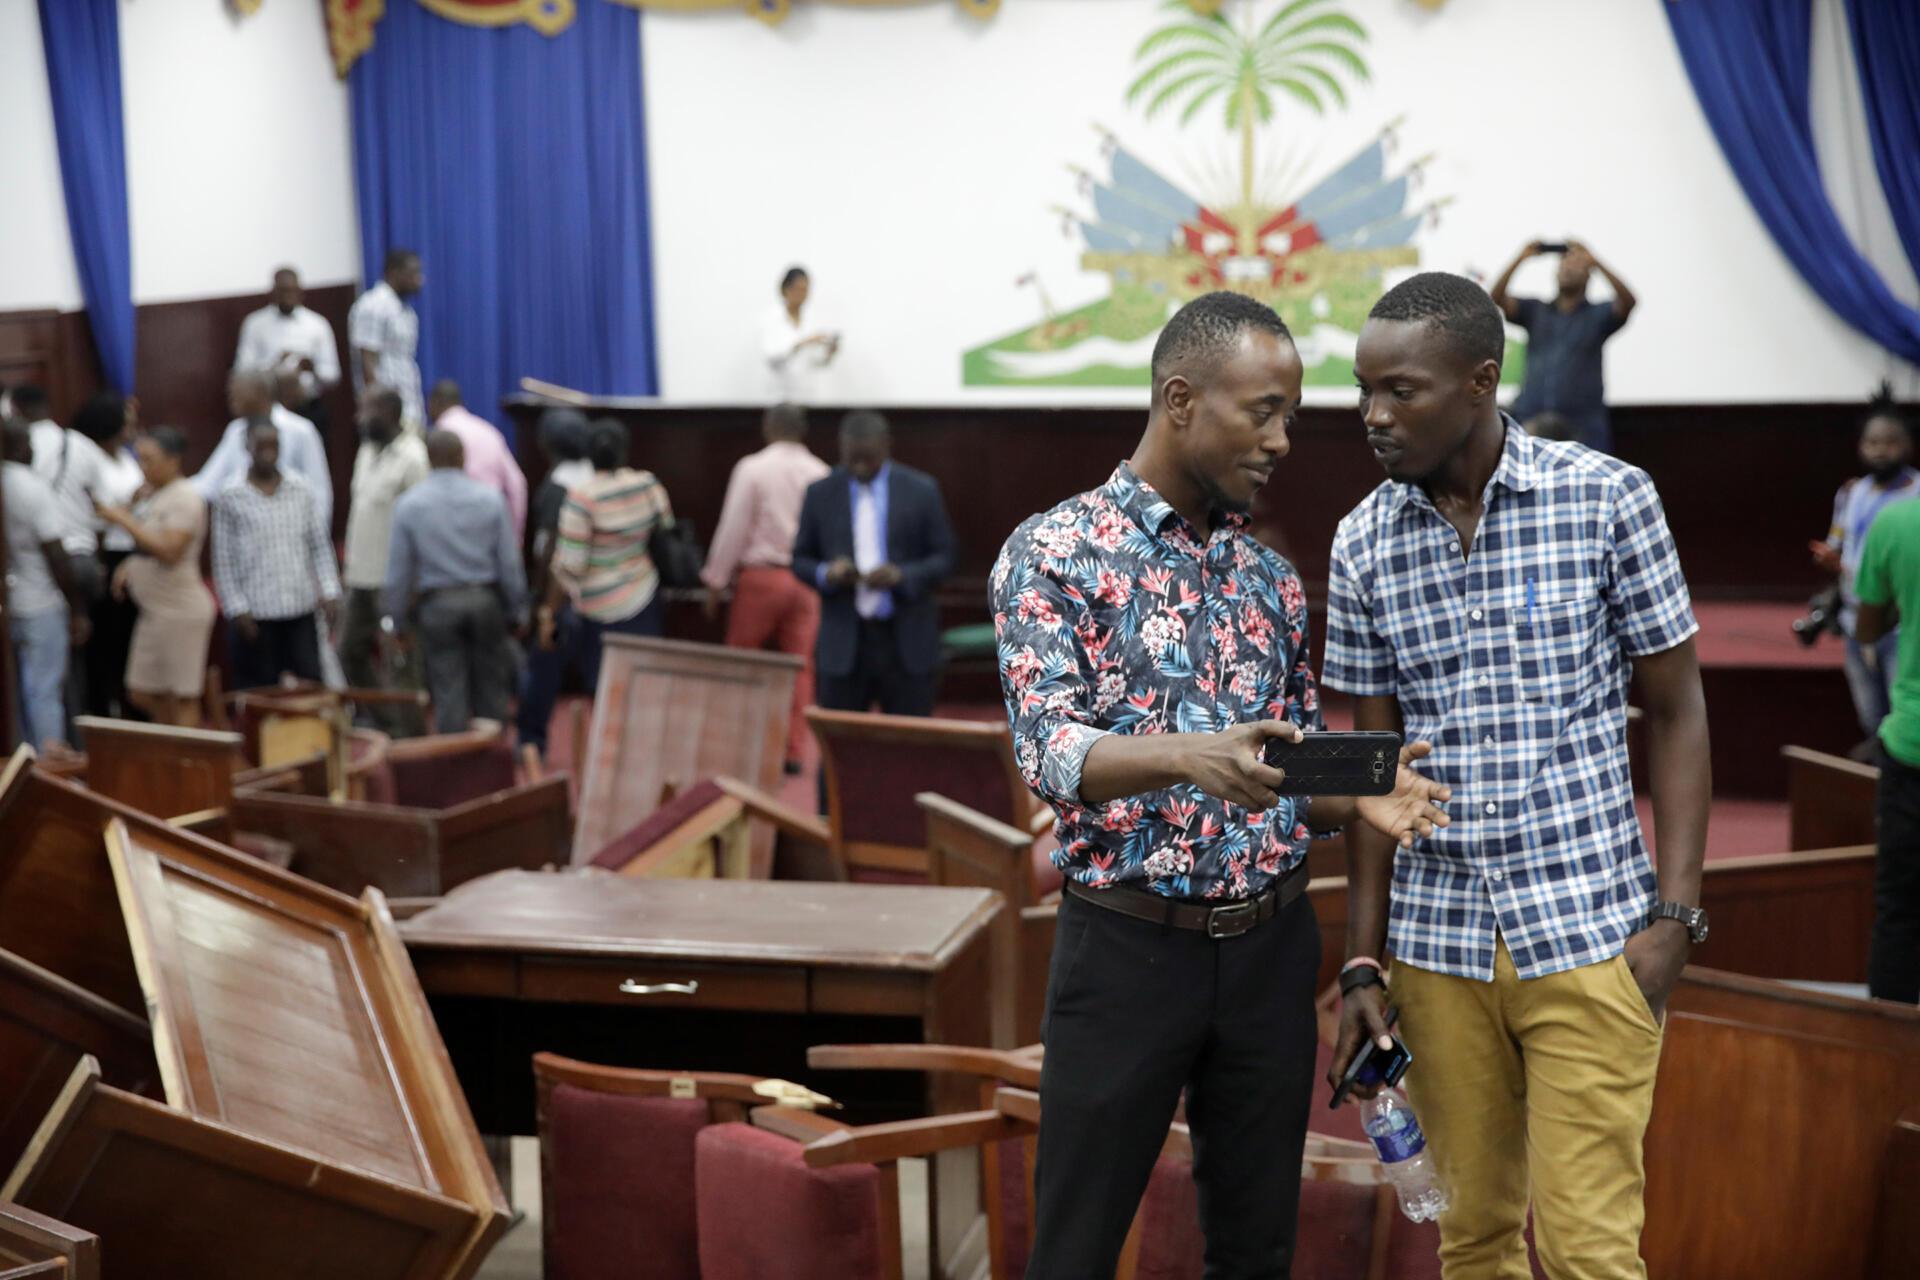 Des journalistes haïtiens filment le Parlement après avoir été saccagé par des députés de l'opposition, selon les médias locaux, à Port-au-Prince, le 3 septembre 2019.